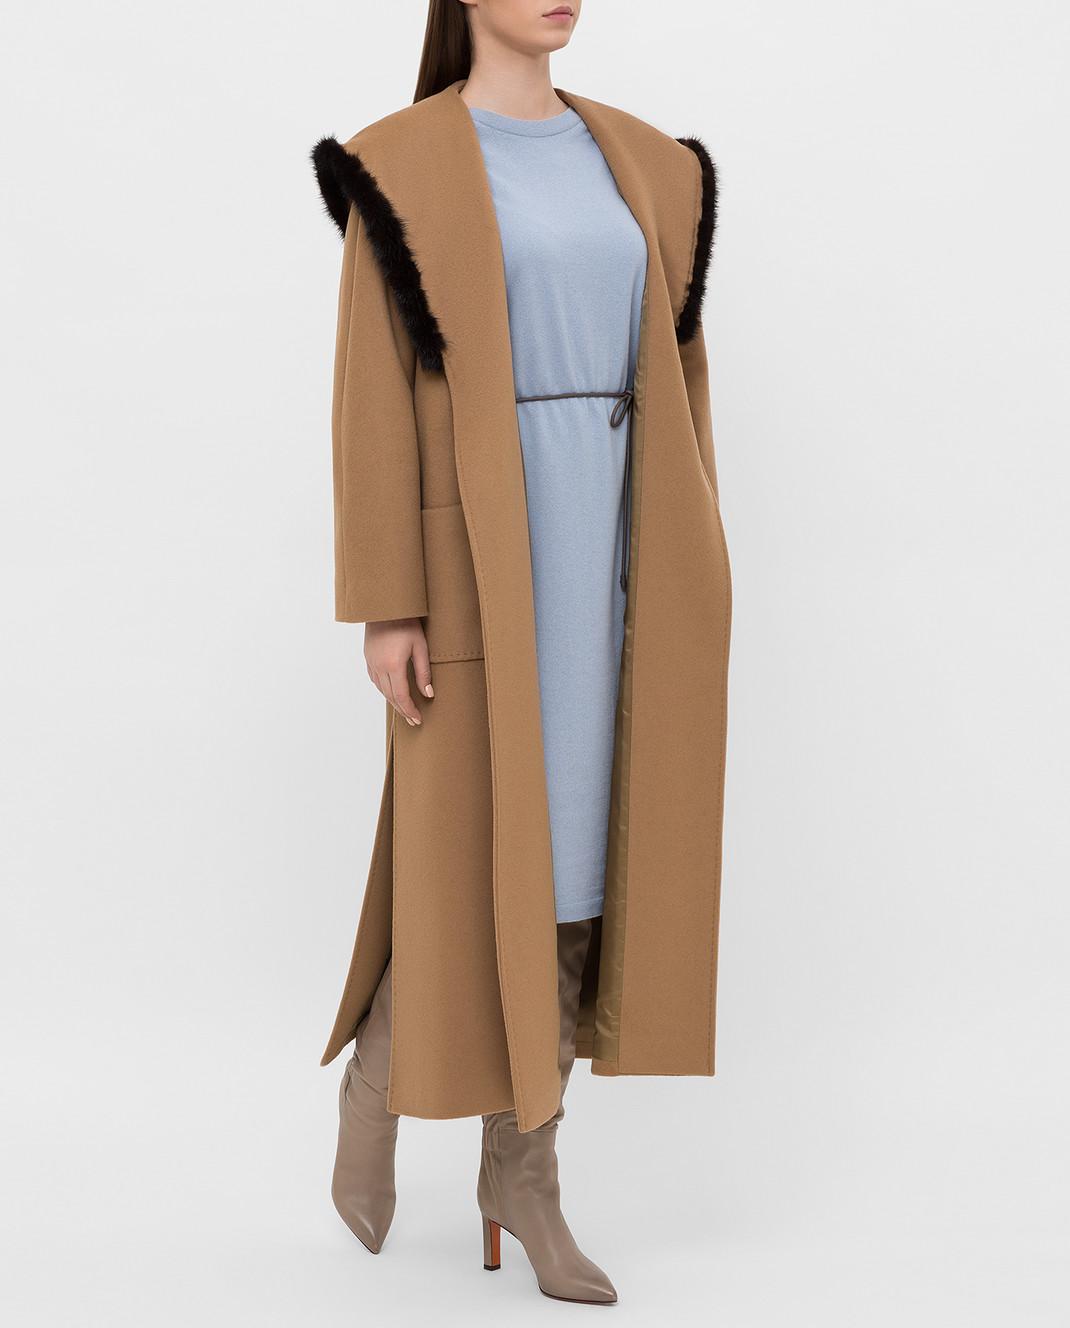 Heresis Бежевое пальто M33130VIA50 изображение 2